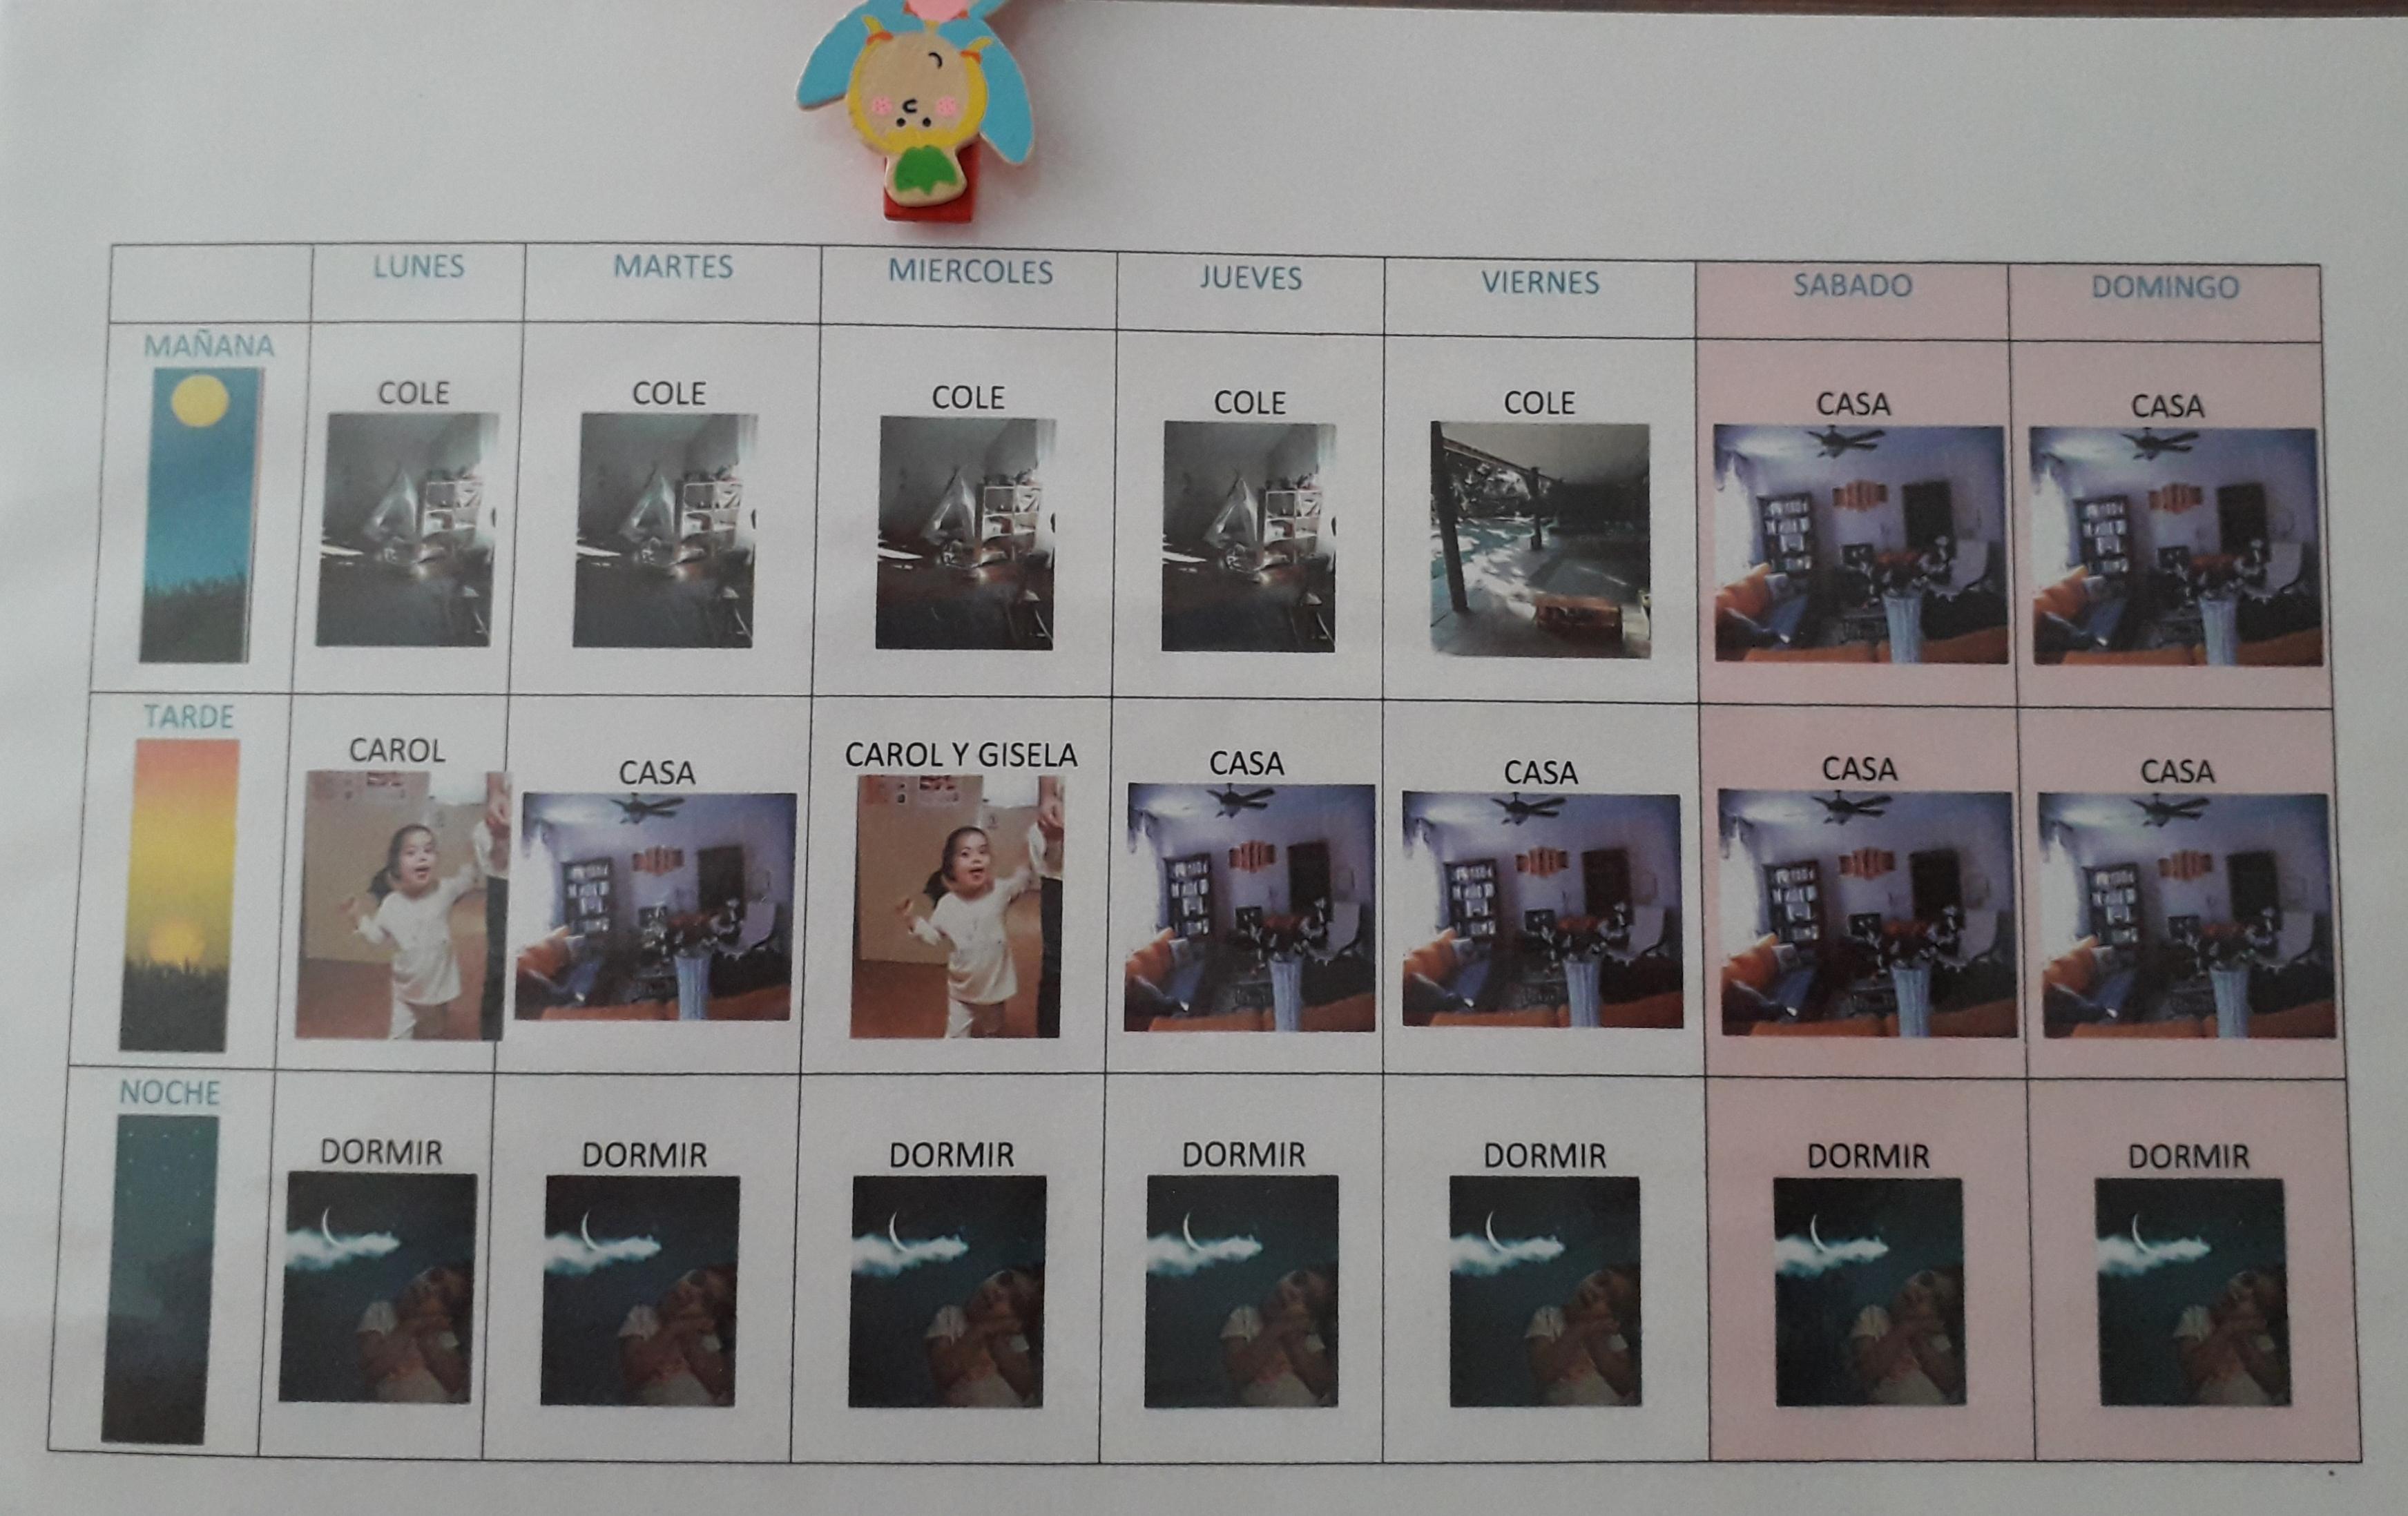 planificador calendario semanal con fotos propias